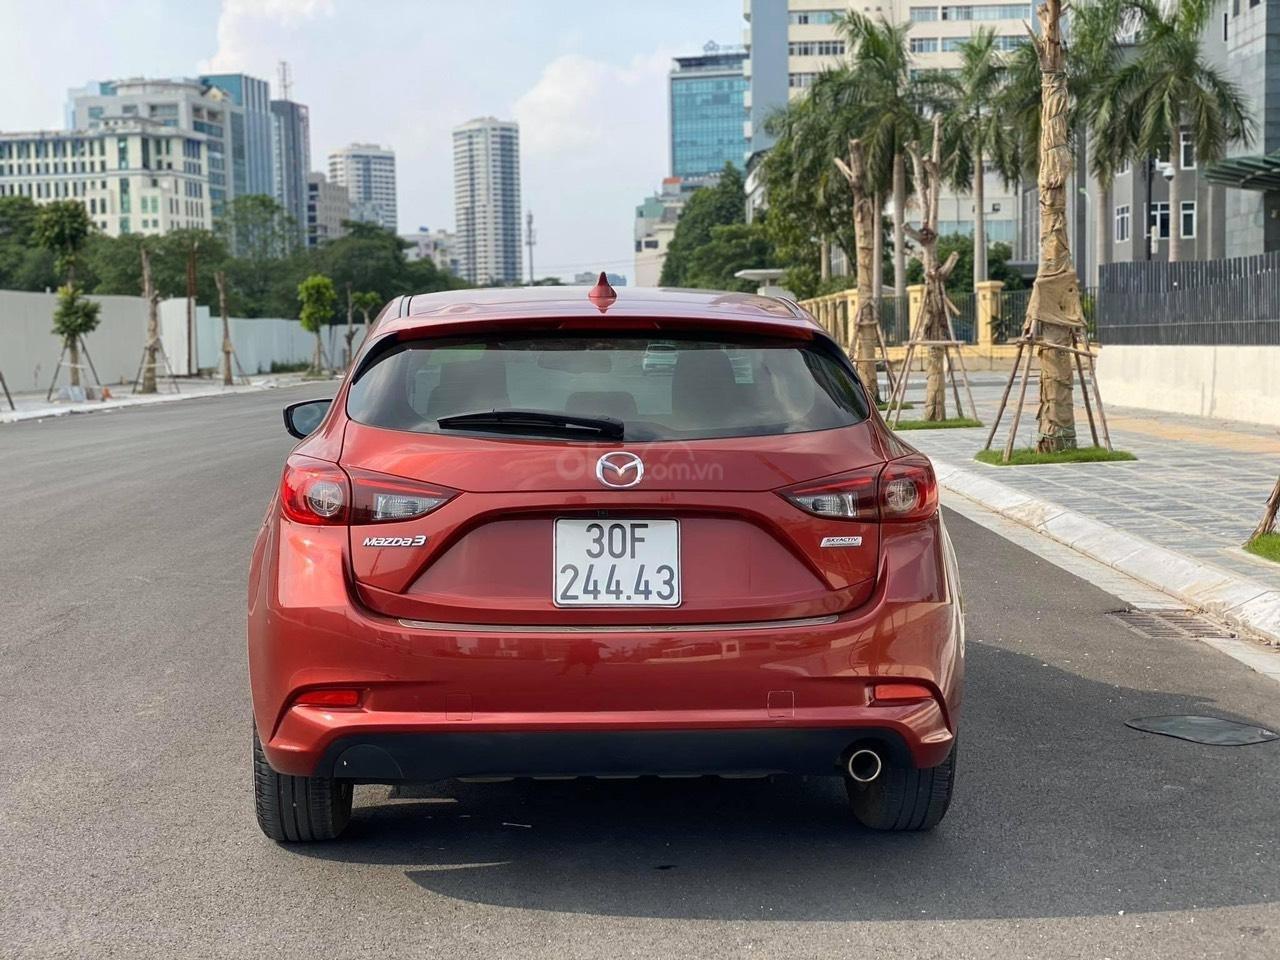 Bán xe Mazda 3 năm 2017, giá tốt (5)